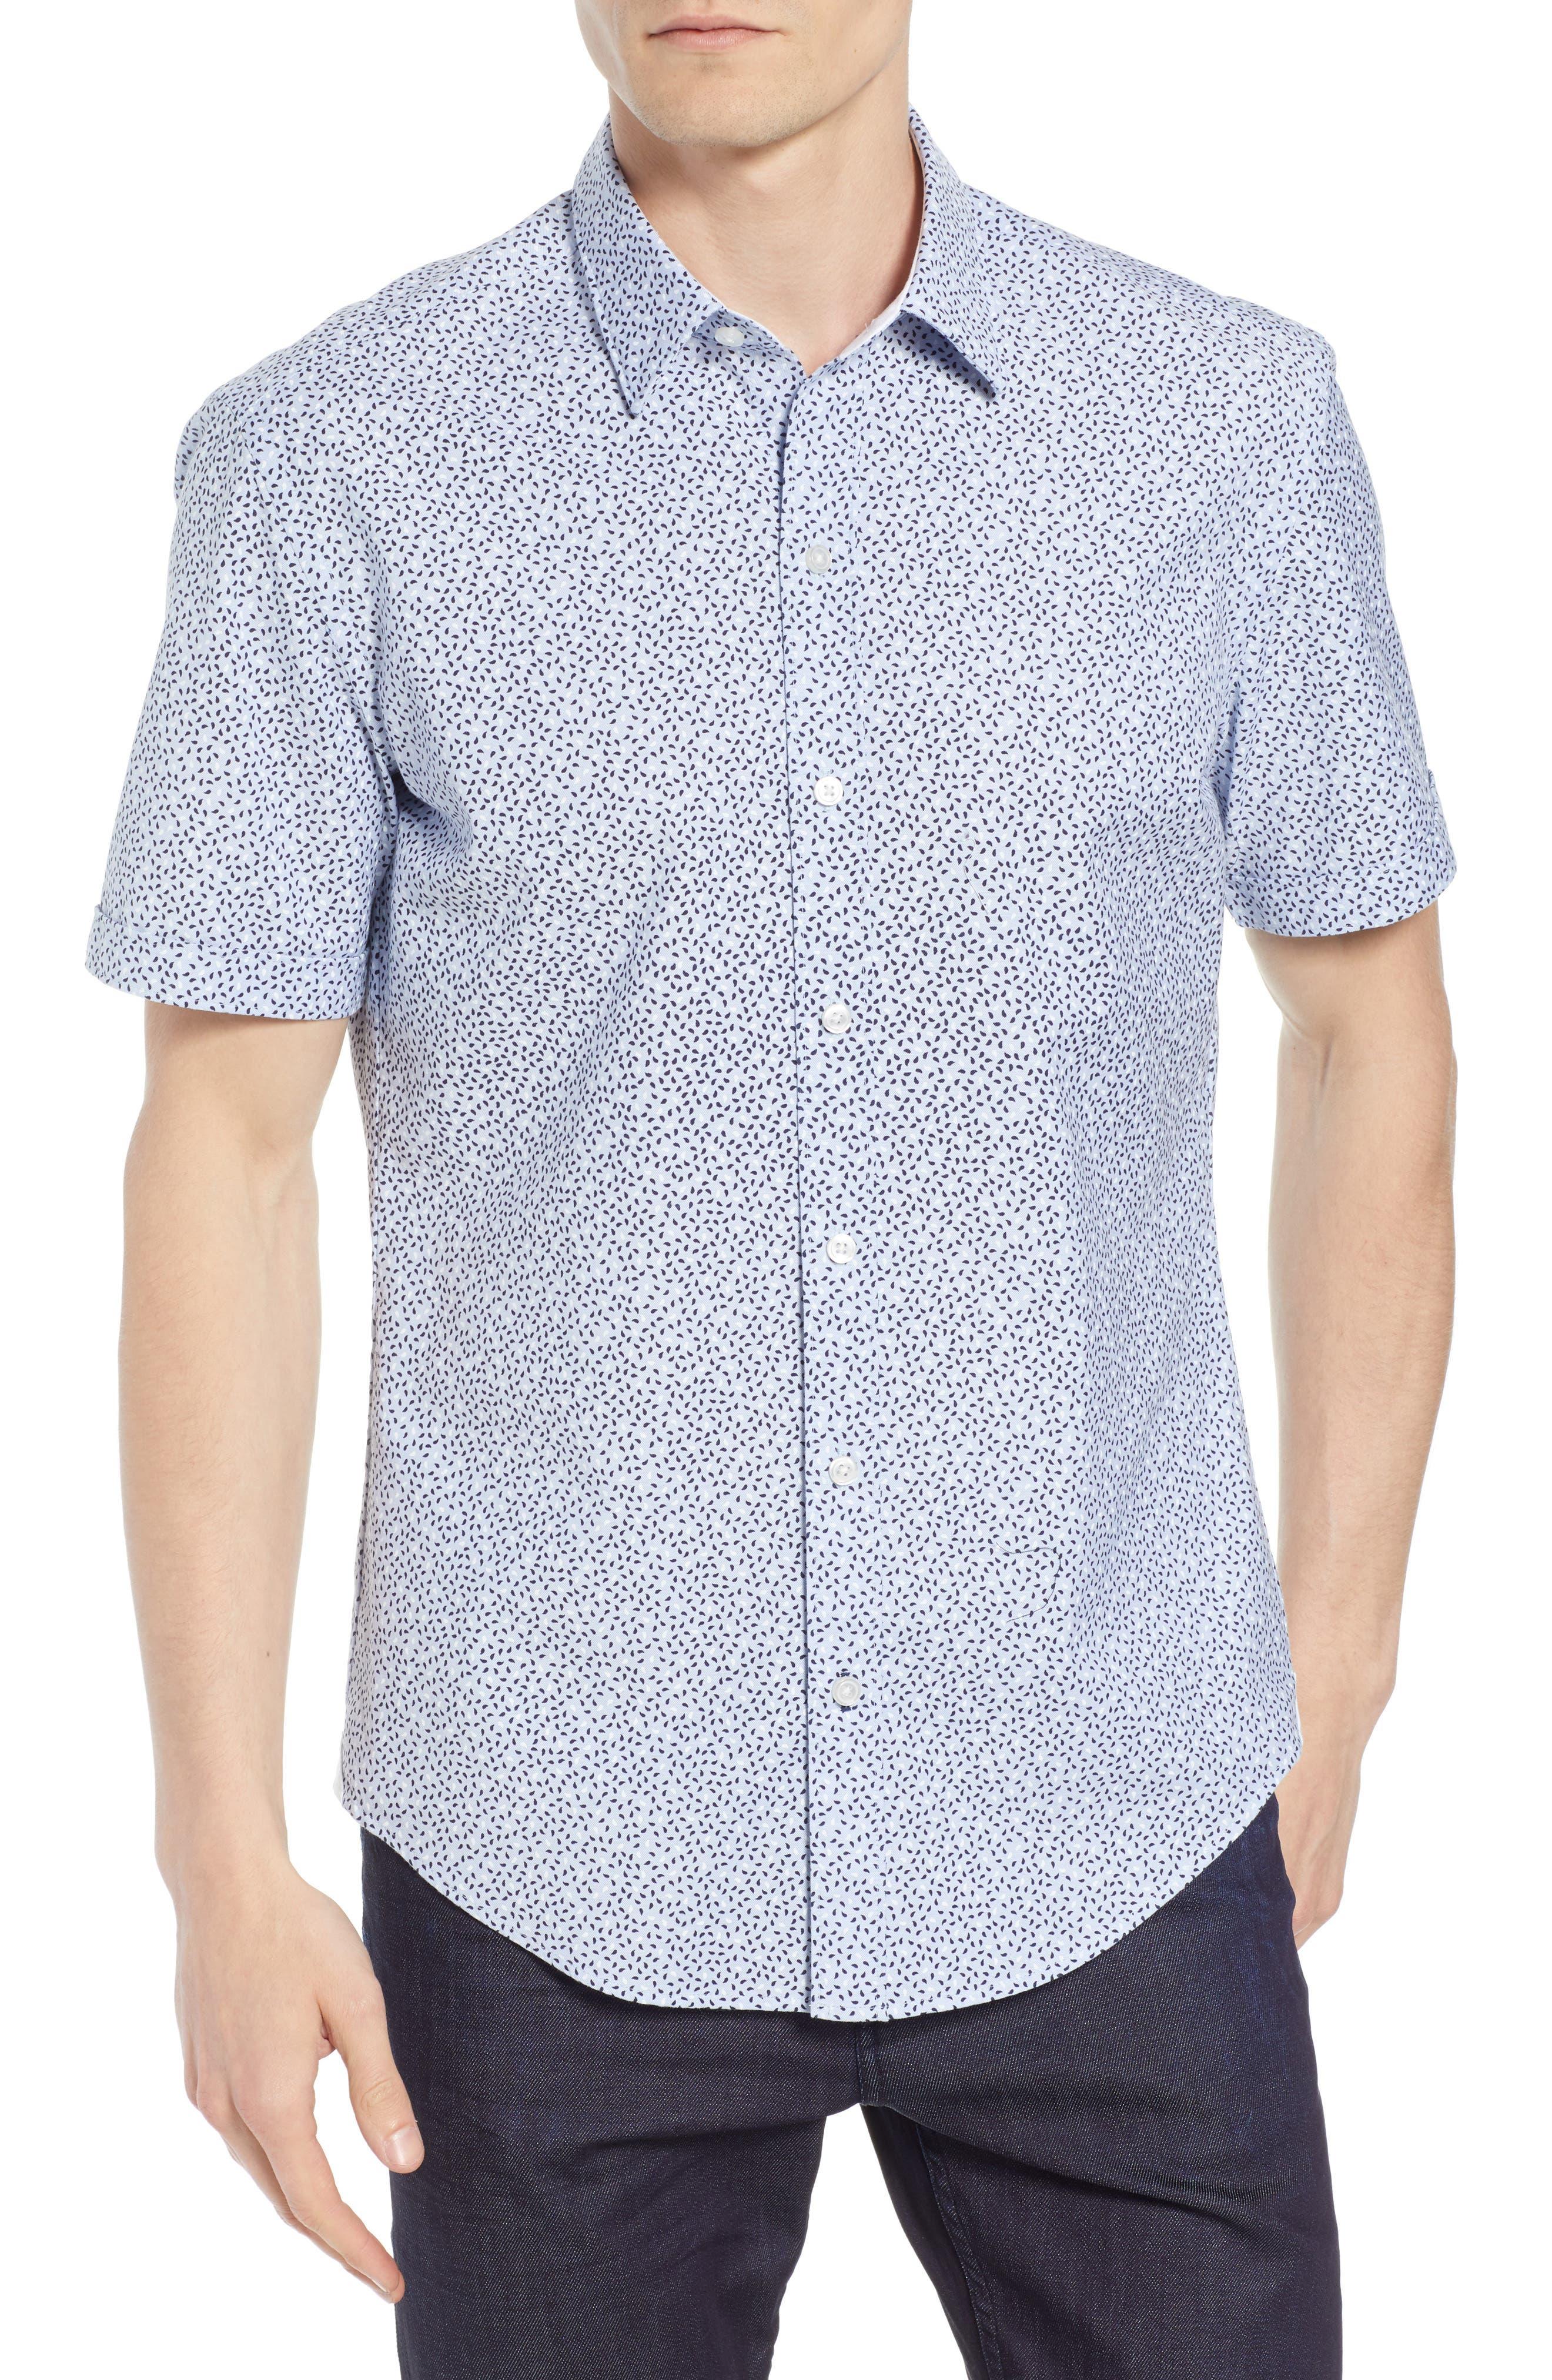 Robb Trim Fit Paisley Sport Shirt,                         Main,                         color, Blue